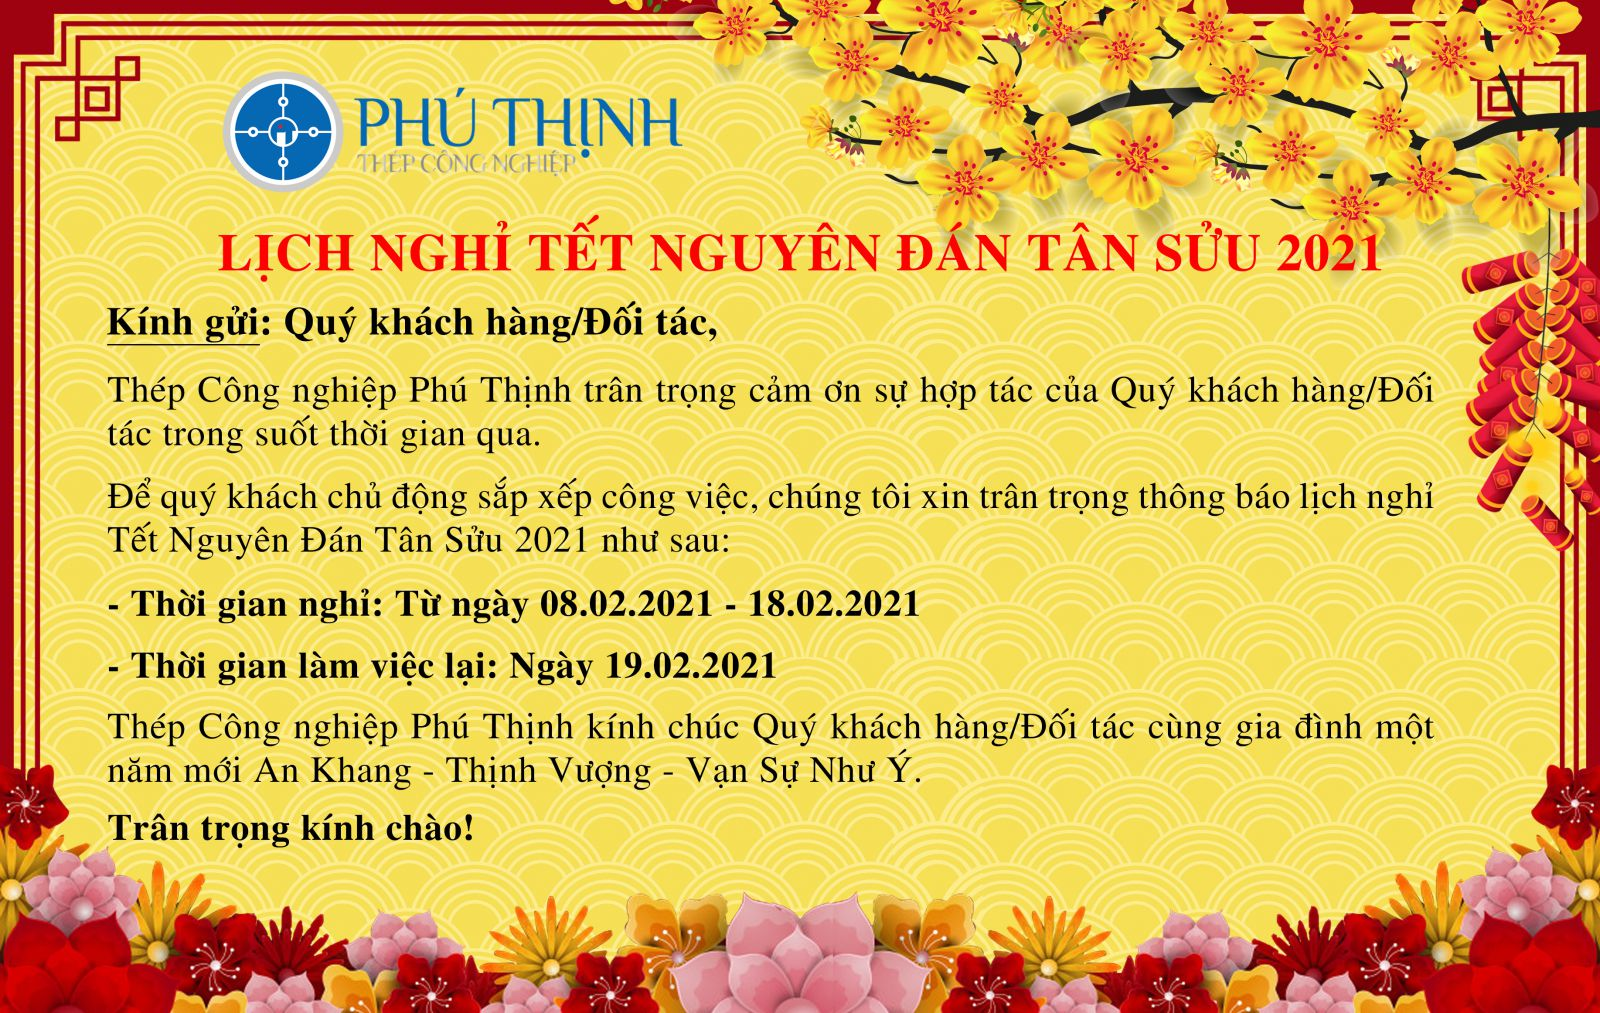 Lịch nghỉ tết Tân Sửu 2021 - Thép công nghiệp Phú Thịnh